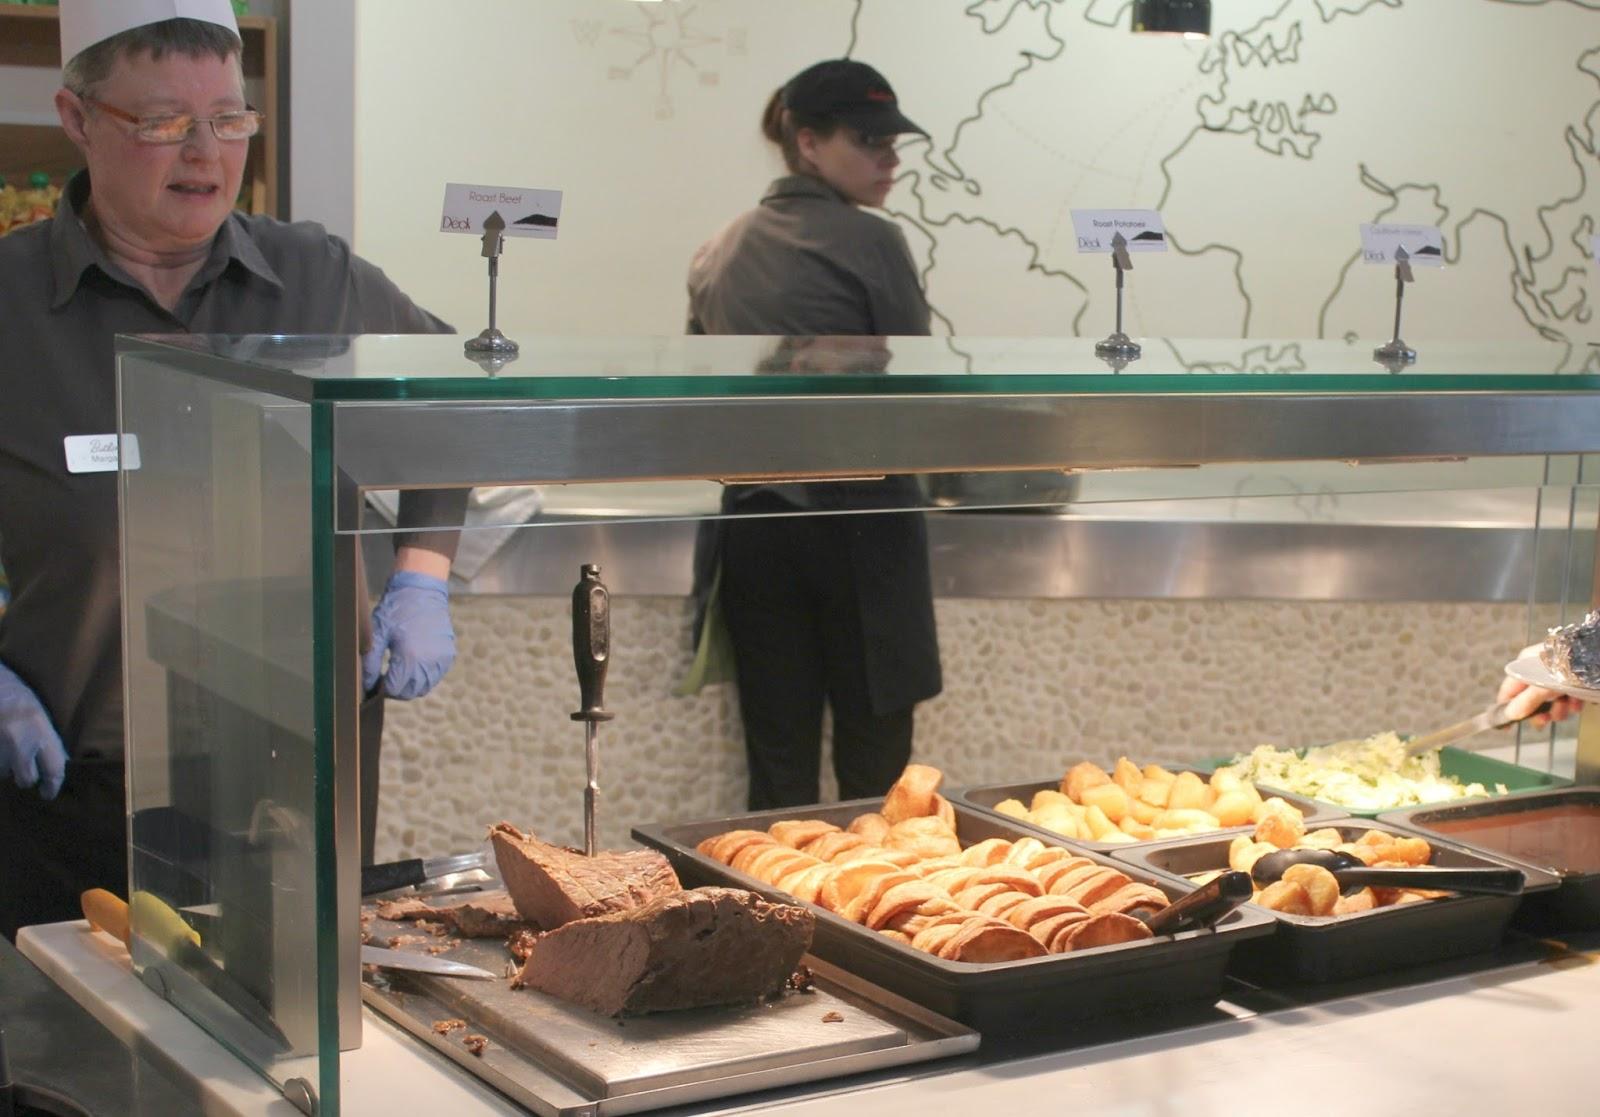 Butlins Food Court Minehead